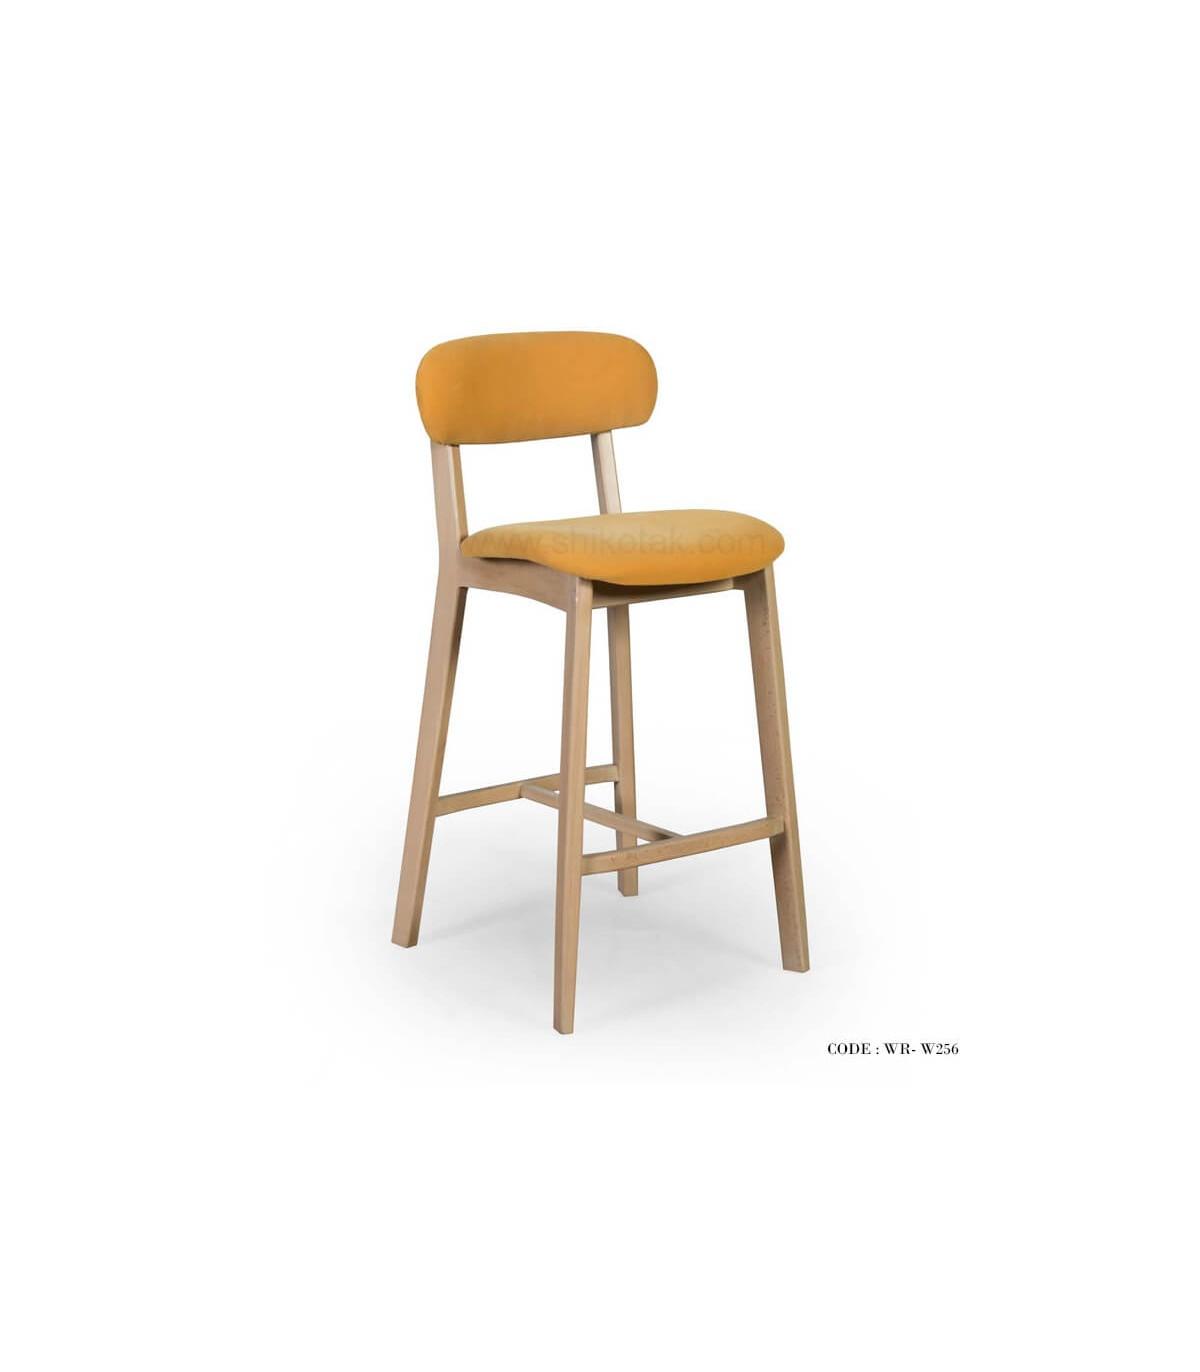 تصویر صندلی اپن بدون دسته رنزو مدل 256